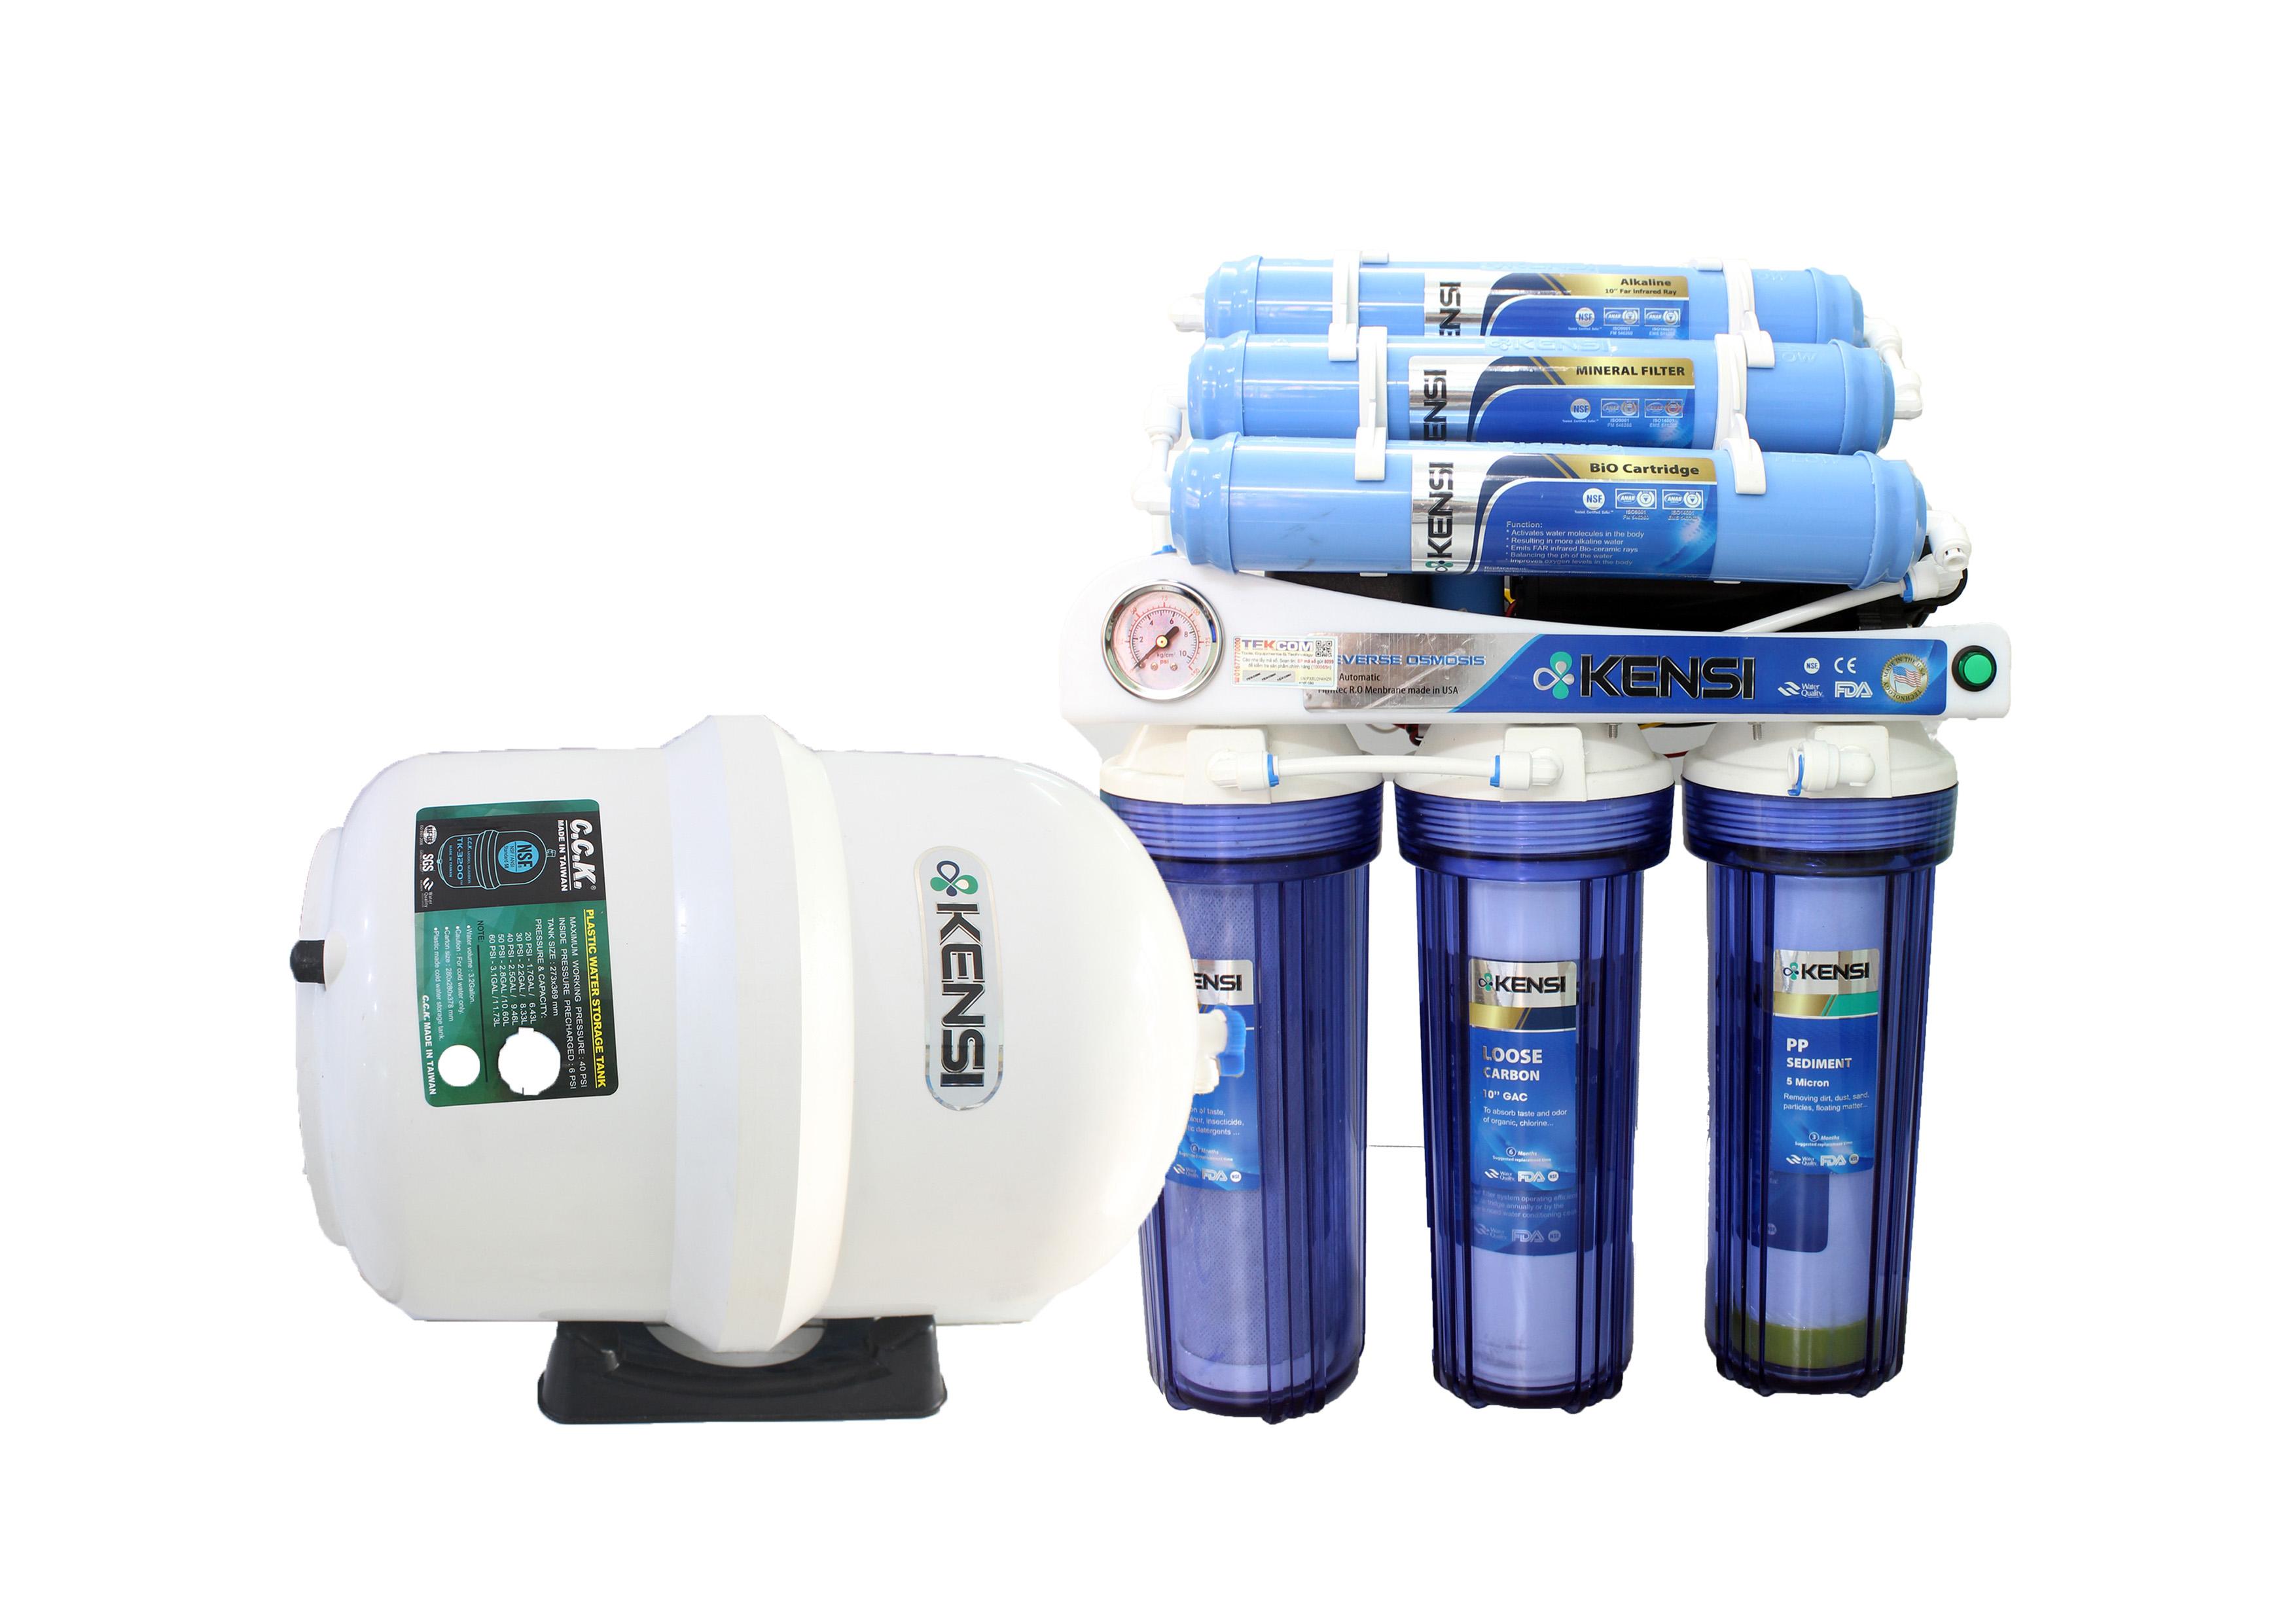 Cam đoan sản phẩm máy lọc nước đạt chuẩn, mang lại chất lượng nước siêu sạch đạt quy chuẩn